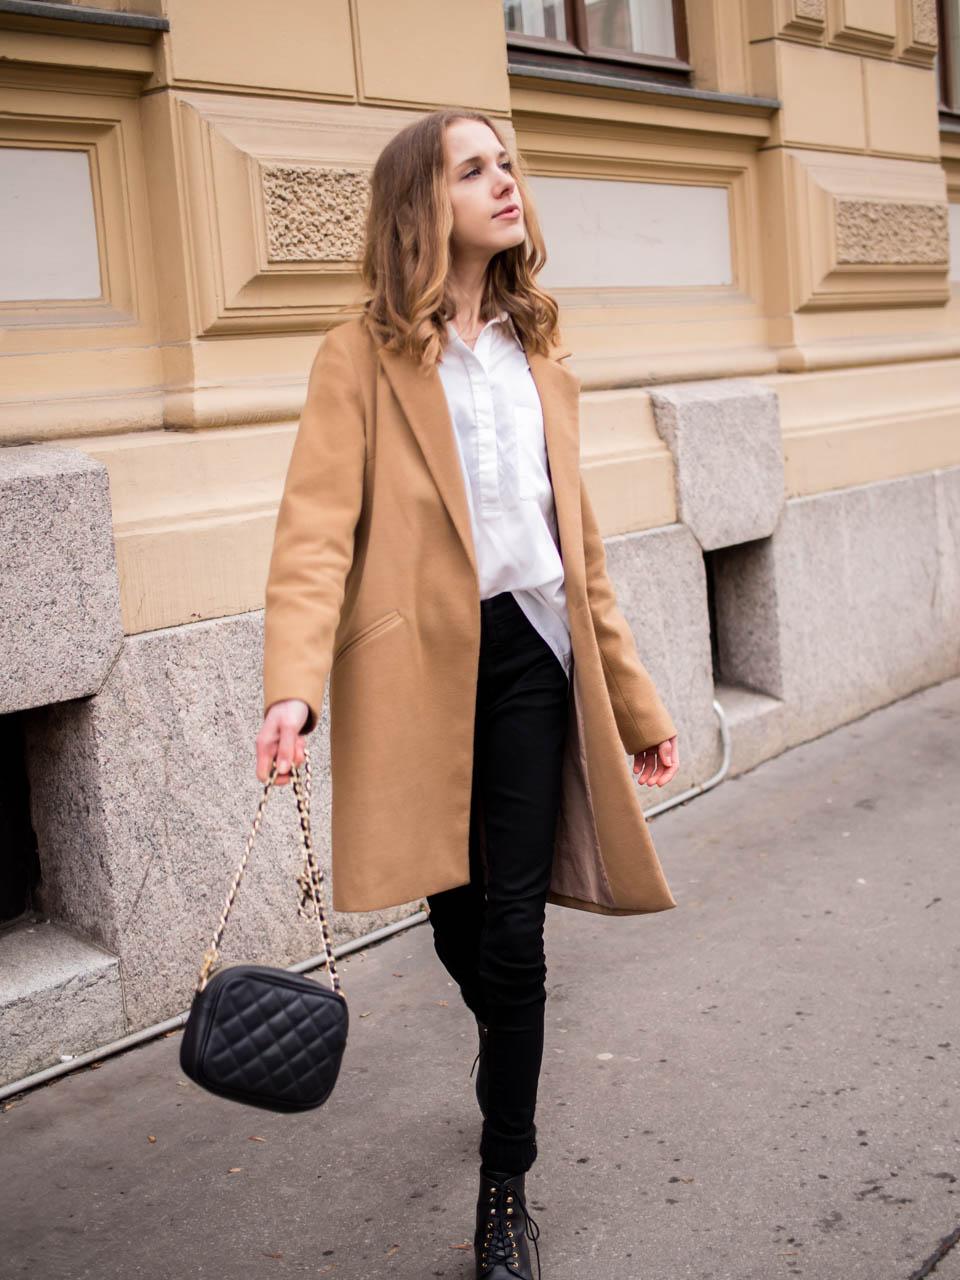 Fashion blogger outfit with white shirt and black skinny jeans - Muotibloggaaja, asuninspiraatio, valkoinen paita ja mustat farkut